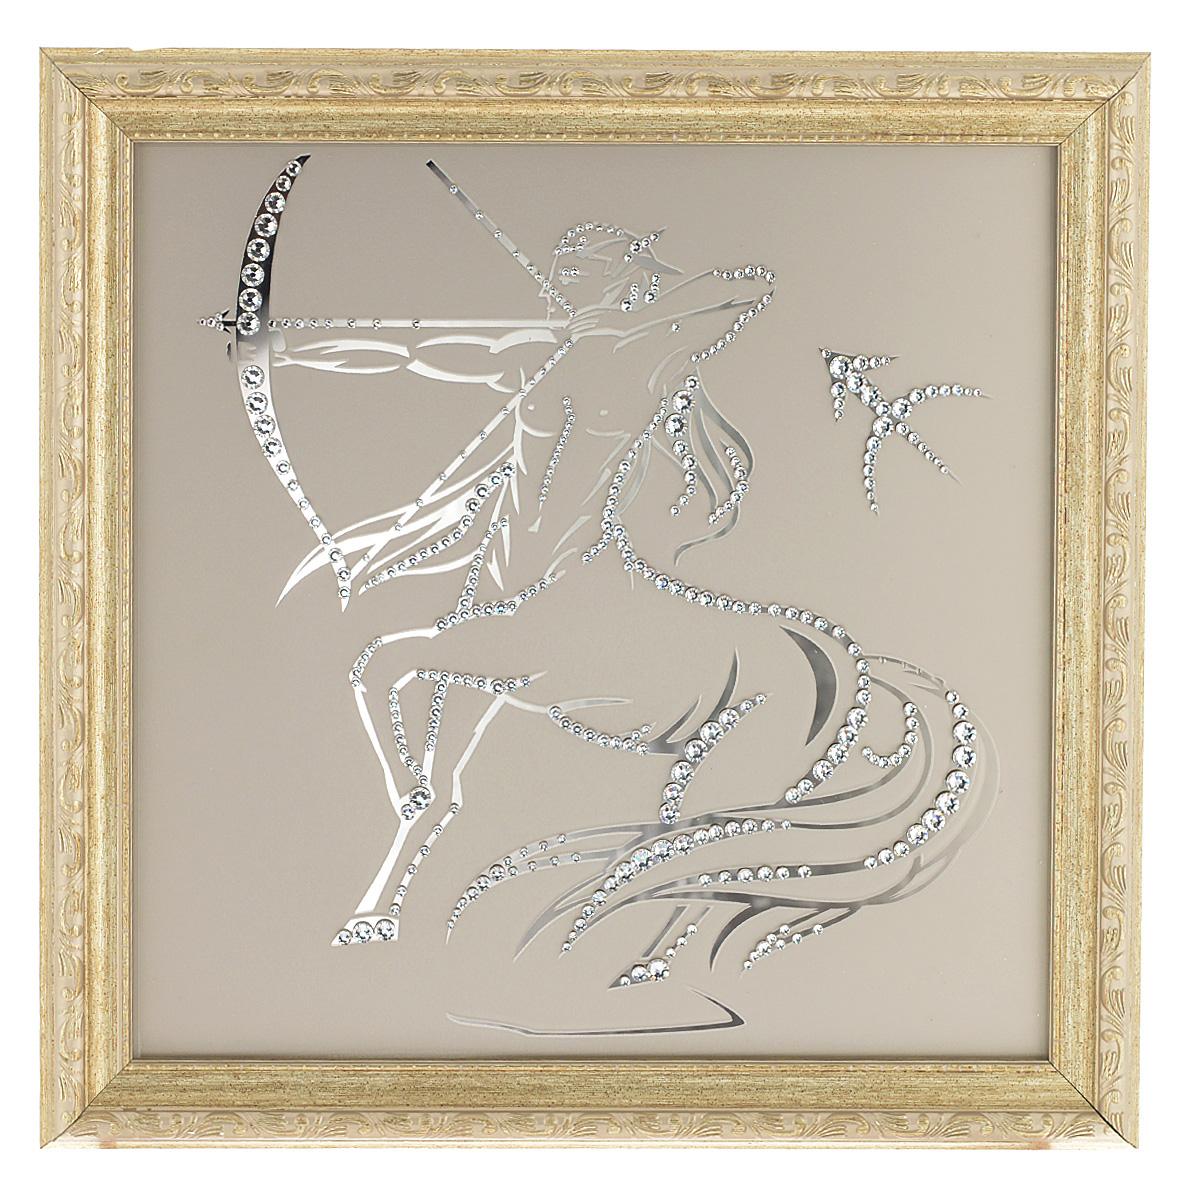 Картина с кристаллами Swarovski Знак зодиака. Стрелец, 35 х 35 см1135Изящная картина в багетной раме Знак зодиака. Стрелец инкрустирована кристаллами Swarovski, которые отличаются четкой и ровной огранкой, ярким блеском и чистотой цвета. Идеально подобранная палитра кристаллов прекрасно дополняет картину. С задней стороны изделие оснащено проволокой для размещения на стене. Картина с кристаллами Swarovski элегантно украсит интерьер дома, а также станет прекрасным подарком, который обязательно понравится получателю. Блеск кристаллов в интерьере - что может быть сказочнее и удивительнее. Изделие упаковано в подарочную картонную коробку синего цвета и комплектуется сертификатом соответствия Swarovski.